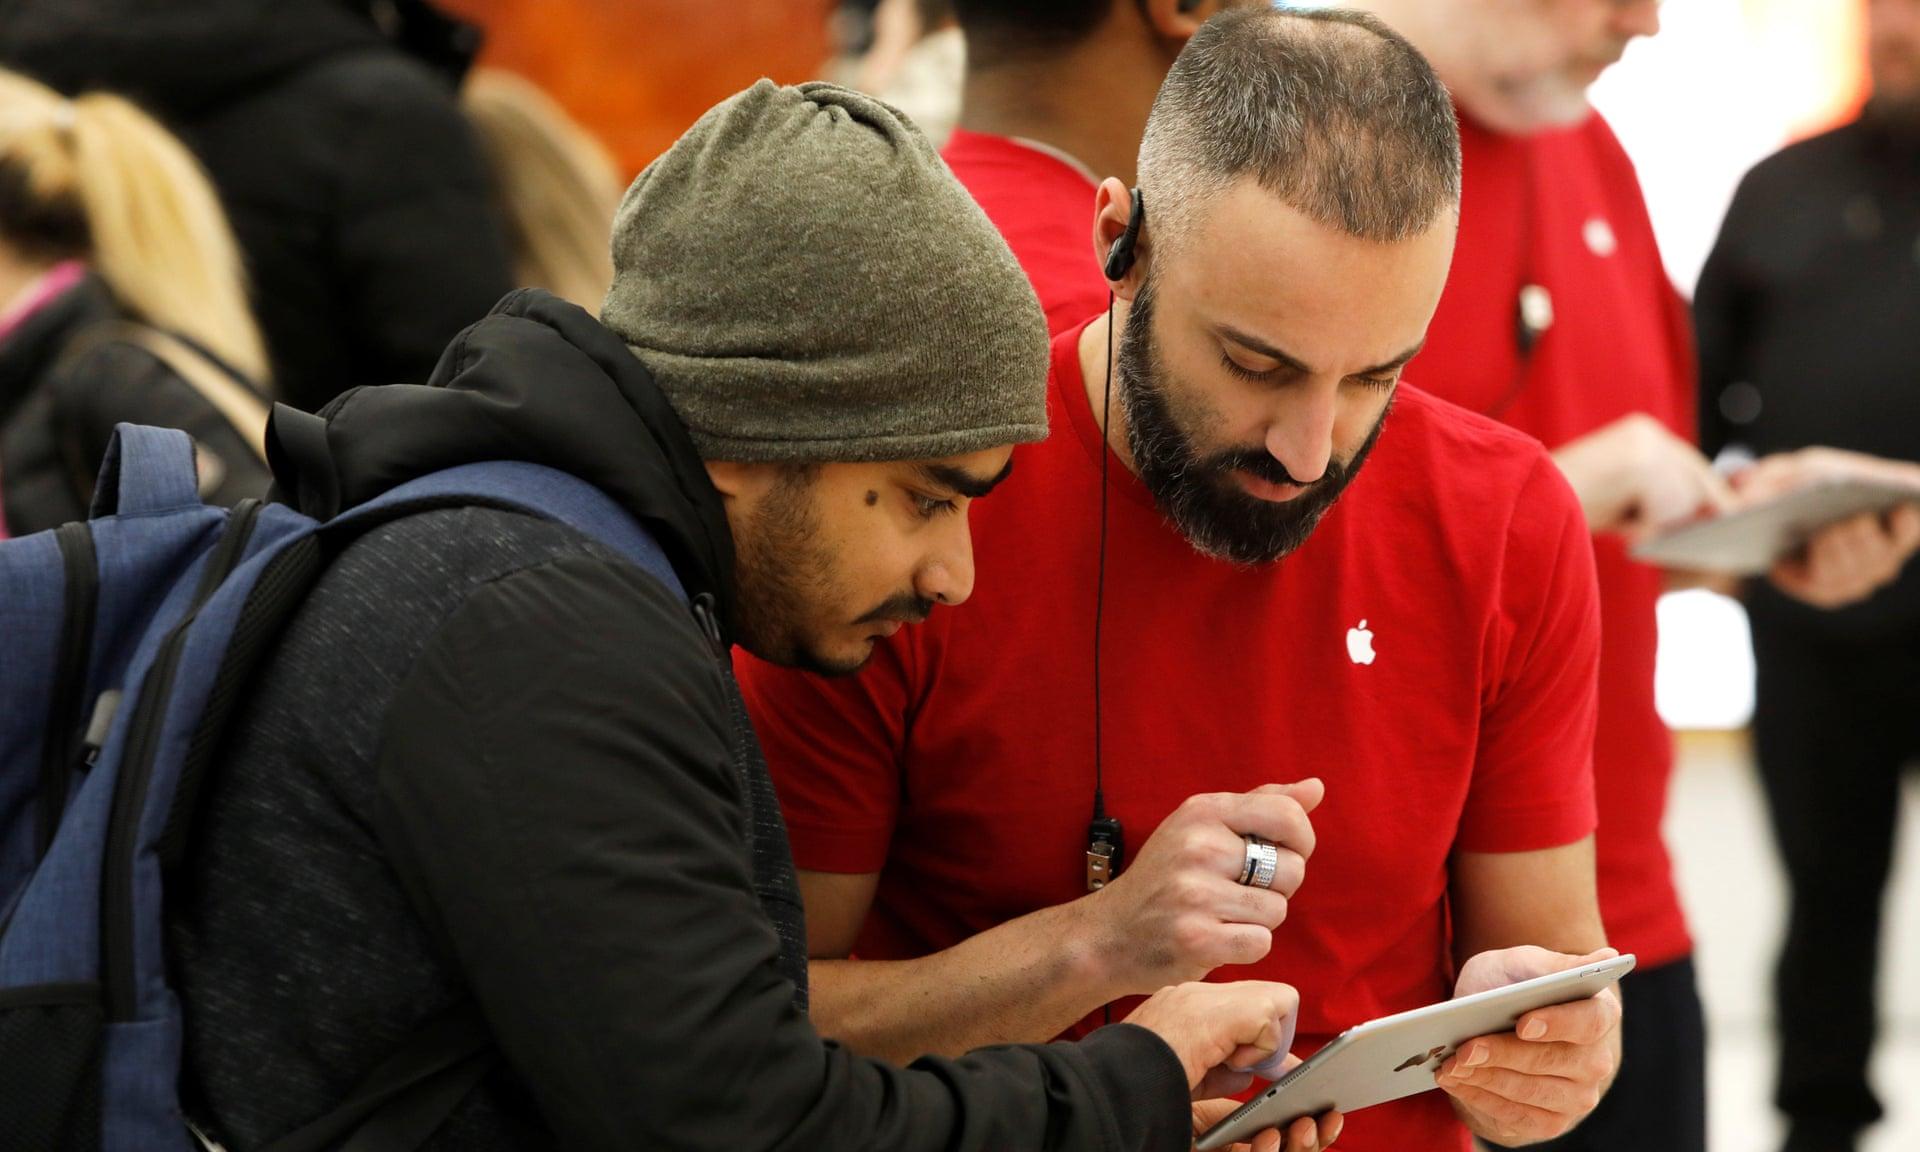 Аплодисменты и одобрительные возгласы: тщательно управляемая драма в магазинах Apple - 4